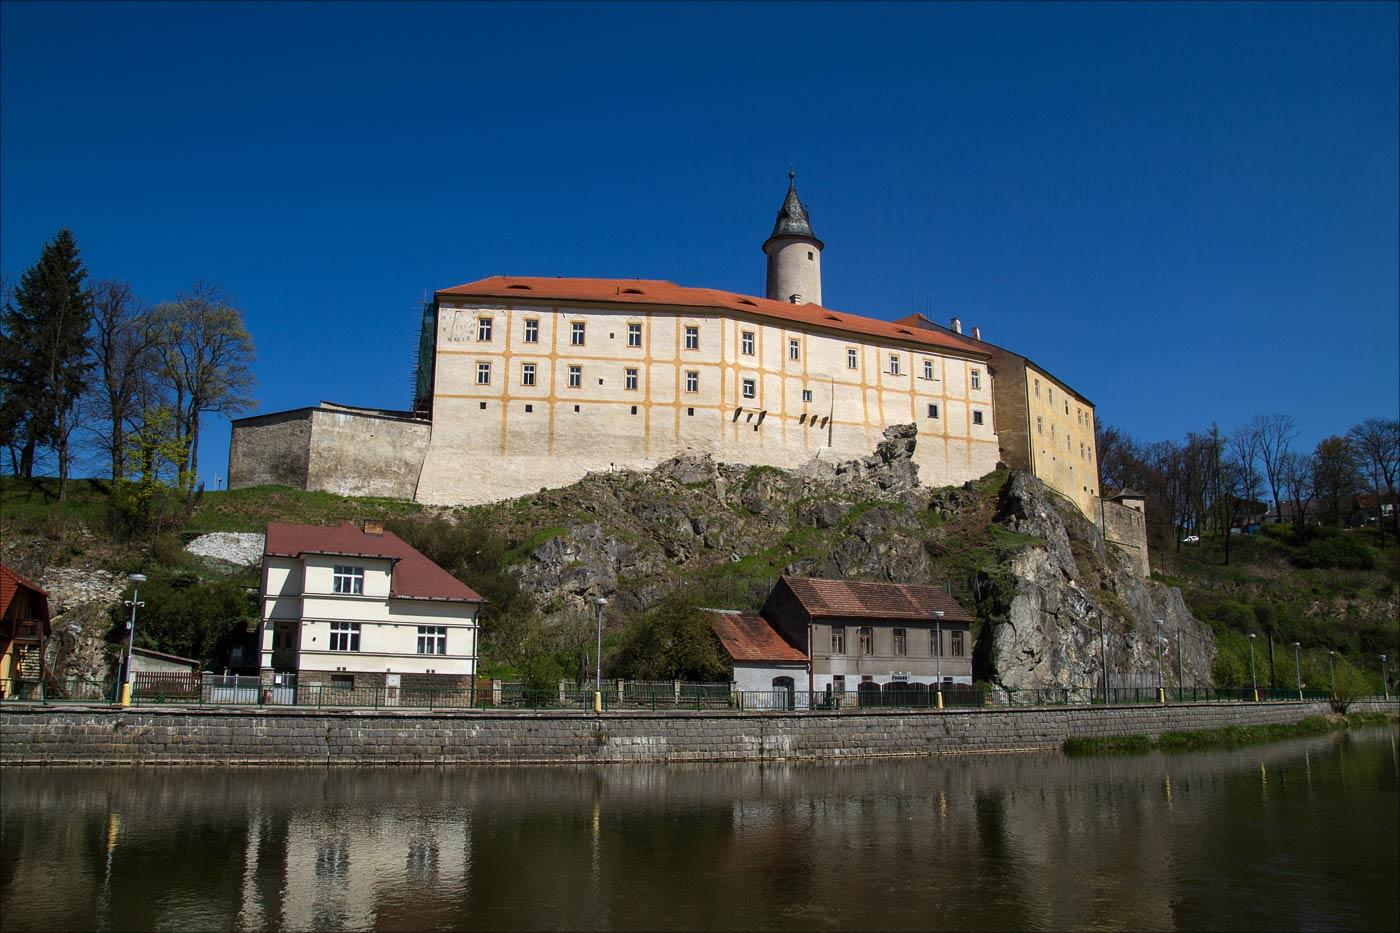 Чешские замки на реке Сазаве - Ледец над Сазавой